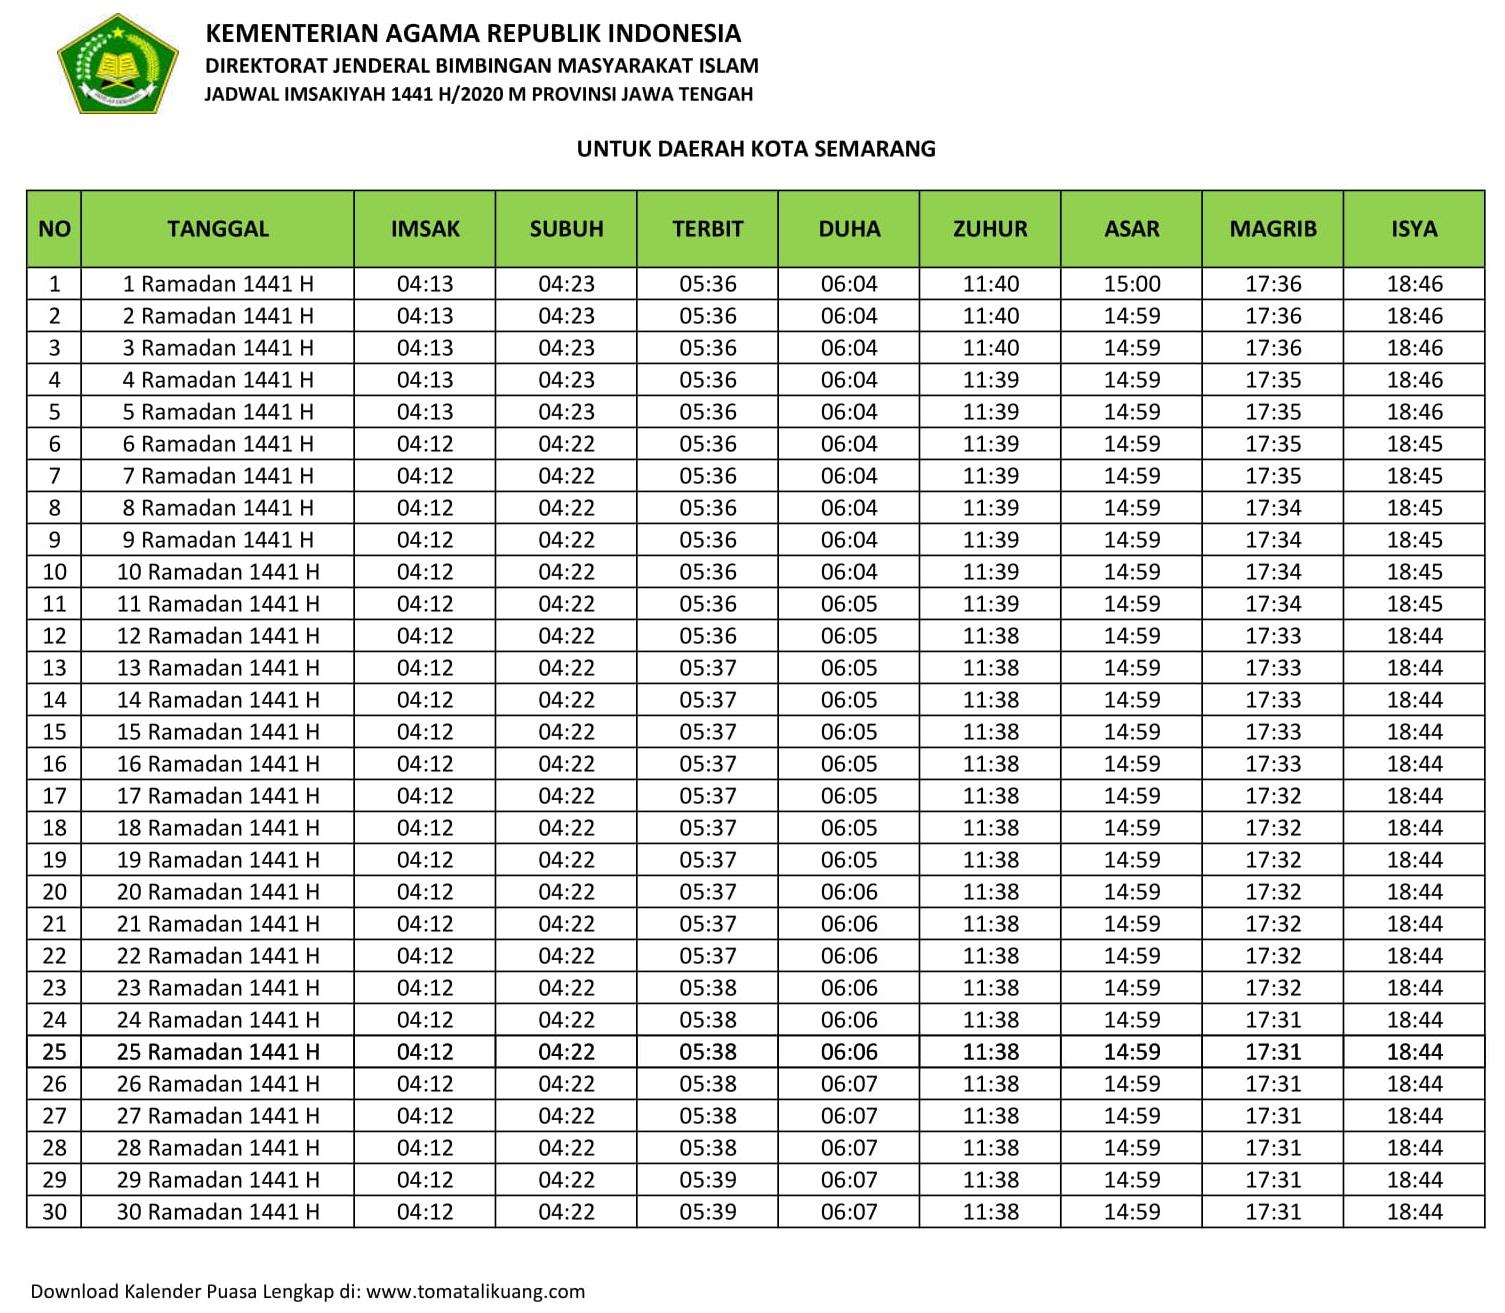 Jadwal Imsak & Buka Puasa Kota Semarang Hari ini 2020 M ...